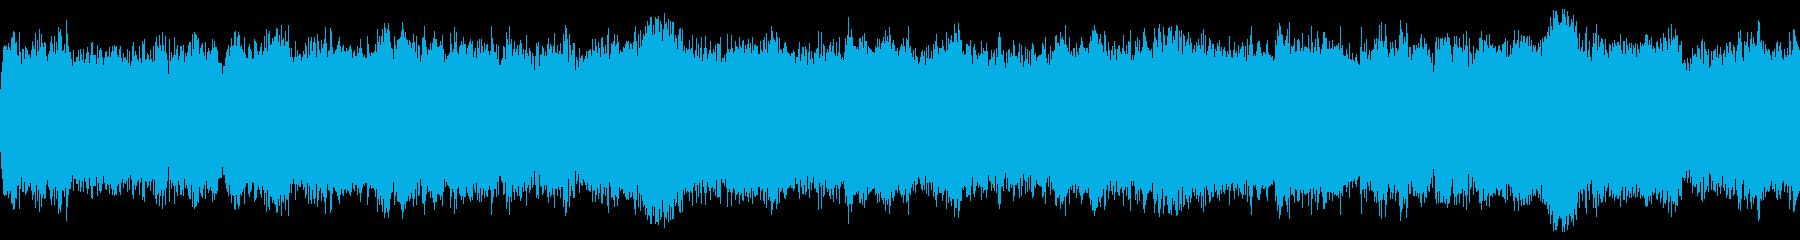 【ドラム抜き】コーラス感の強い浮遊感の…の再生済みの波形